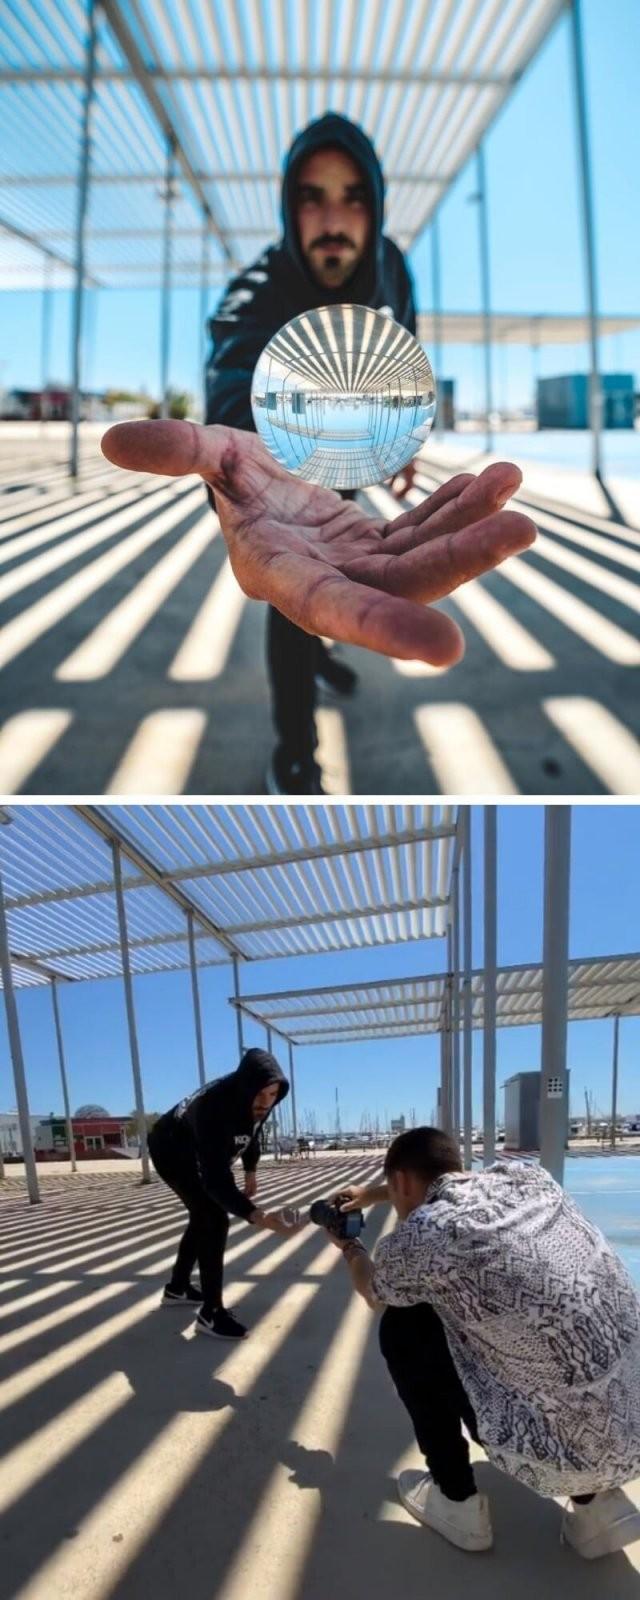 Фотограф Жорди Коалитик показал, что происходит за кадром красивых фотографий (15 фото)